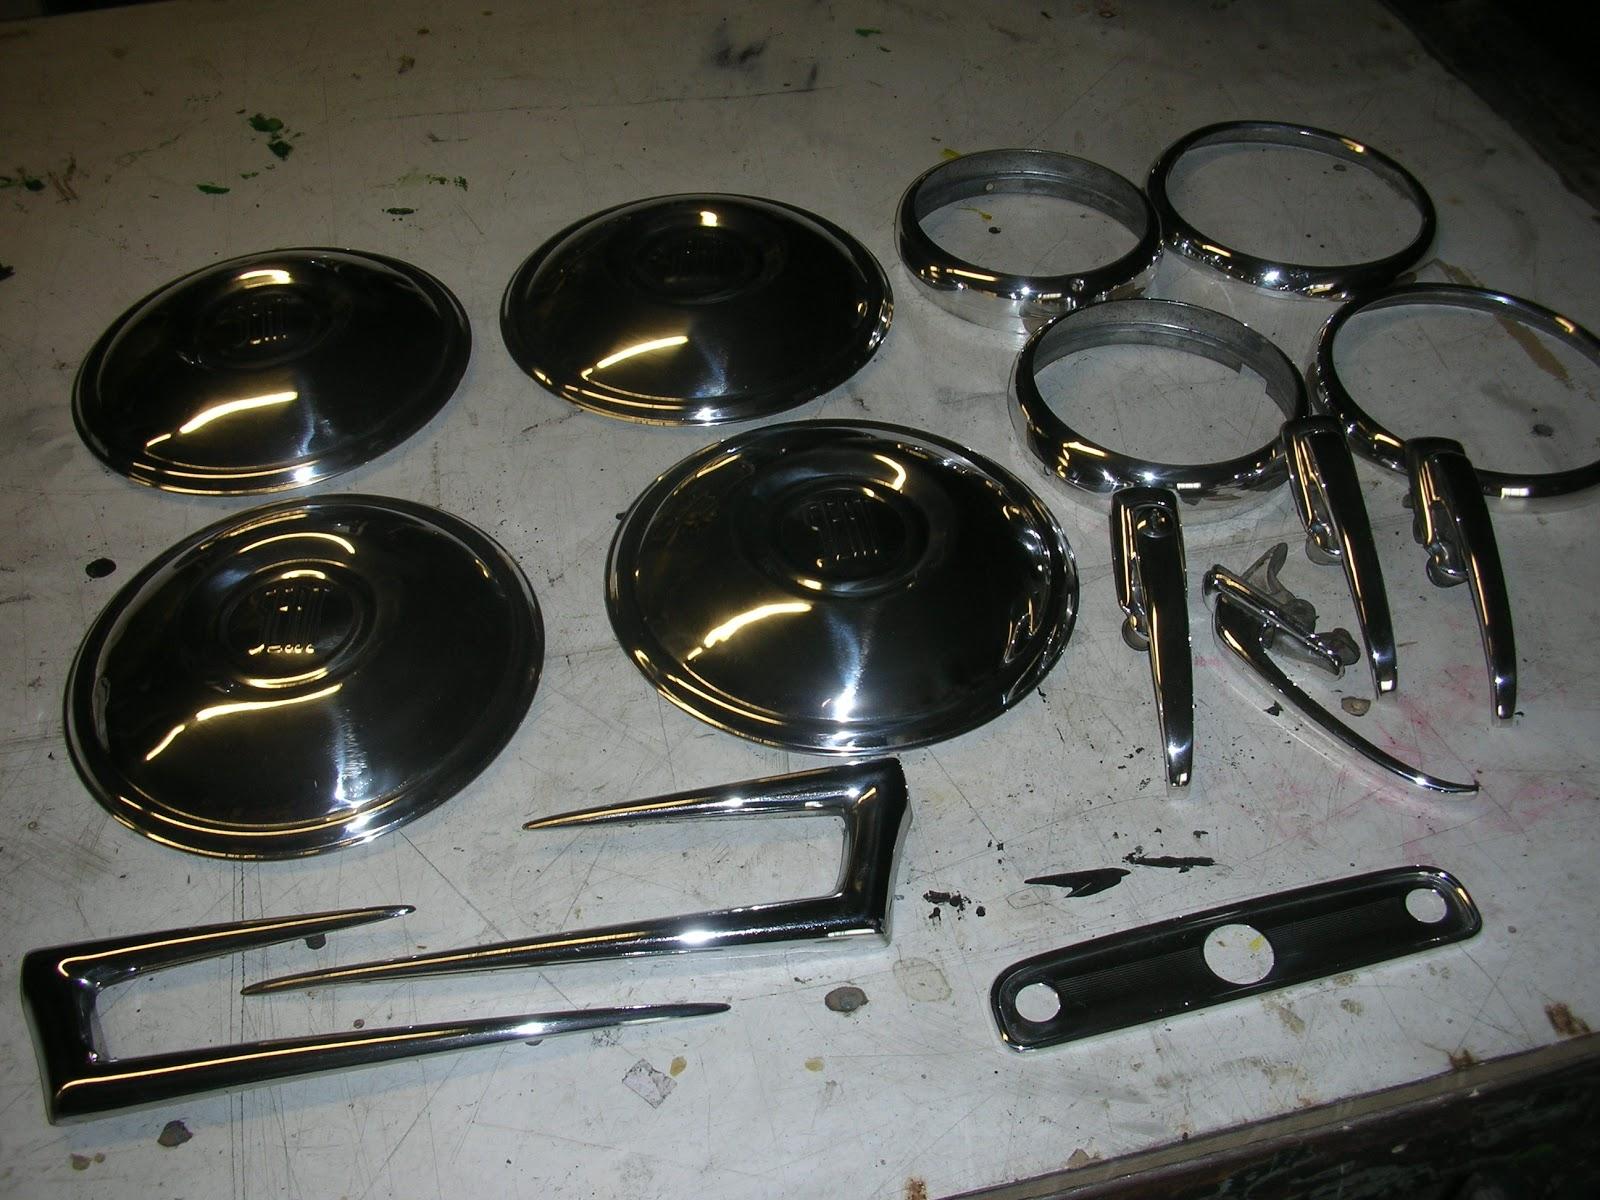 Restauraci n de metales lat n cobre aluminio inox etc pulidos y cromados - Pulir aluminio a espejo ...